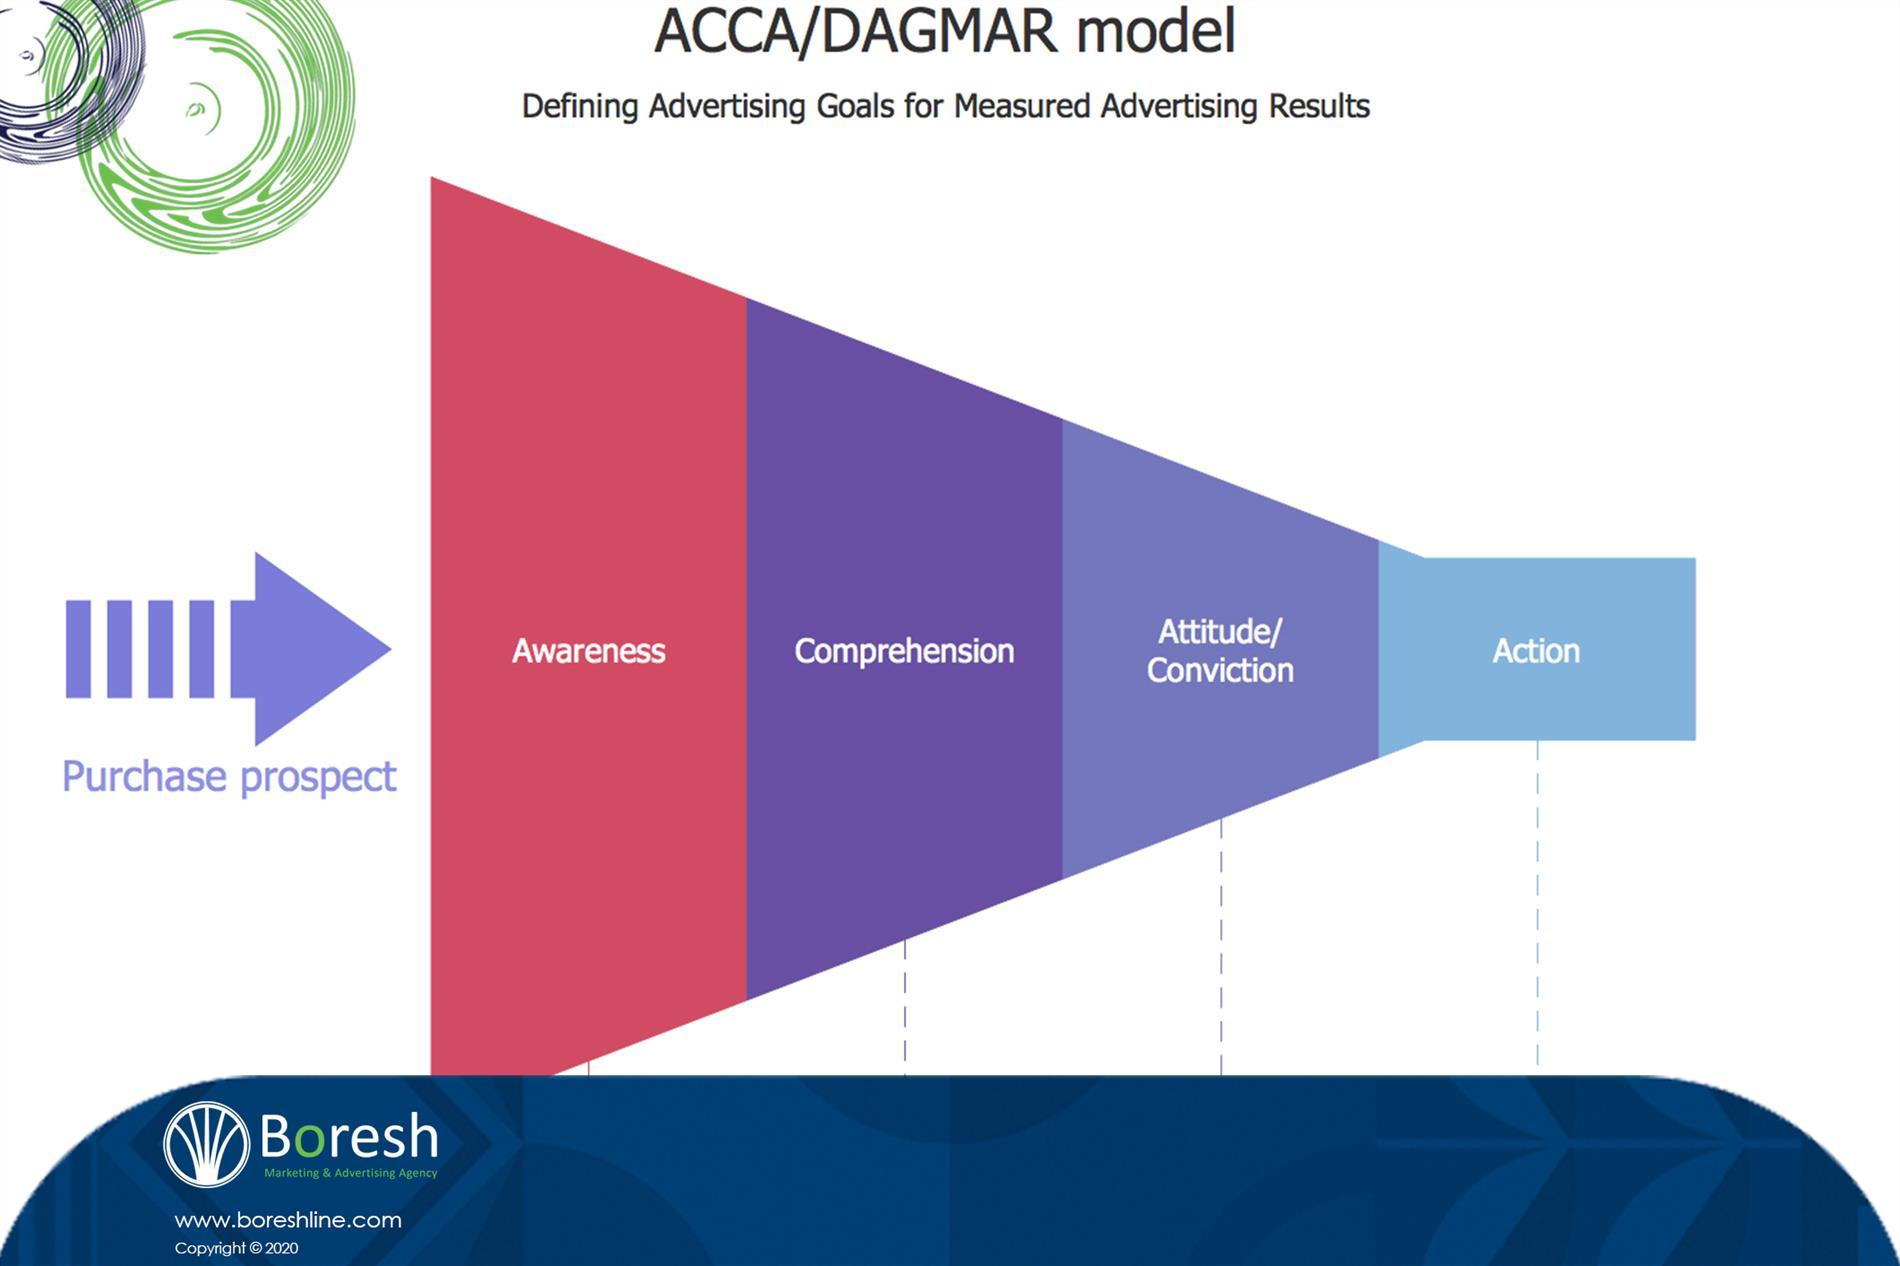 مدل داگمار - گروه برندسازی، تبلیغات،بازاریابی و توسعه کسب و کار برش